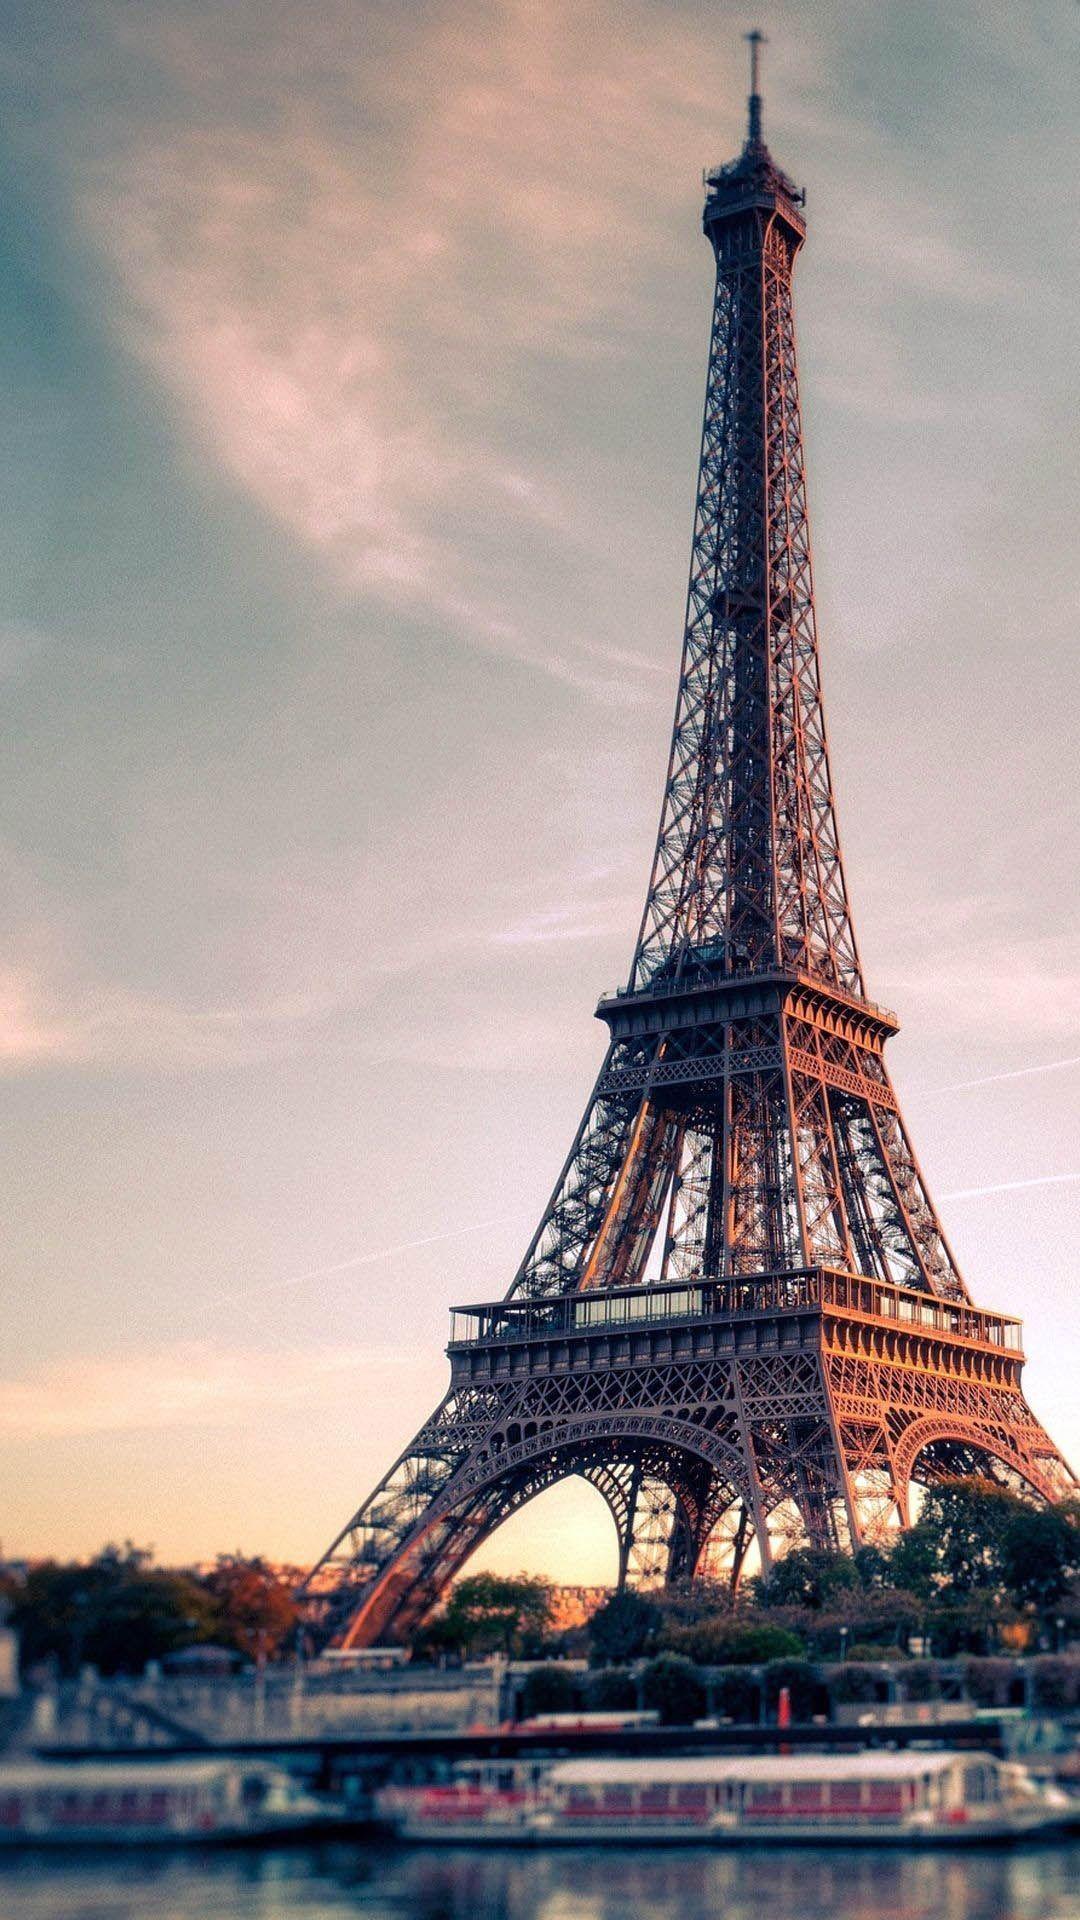 La Tour Eiffel Paris wallpaper, Paris wallpaper iphone